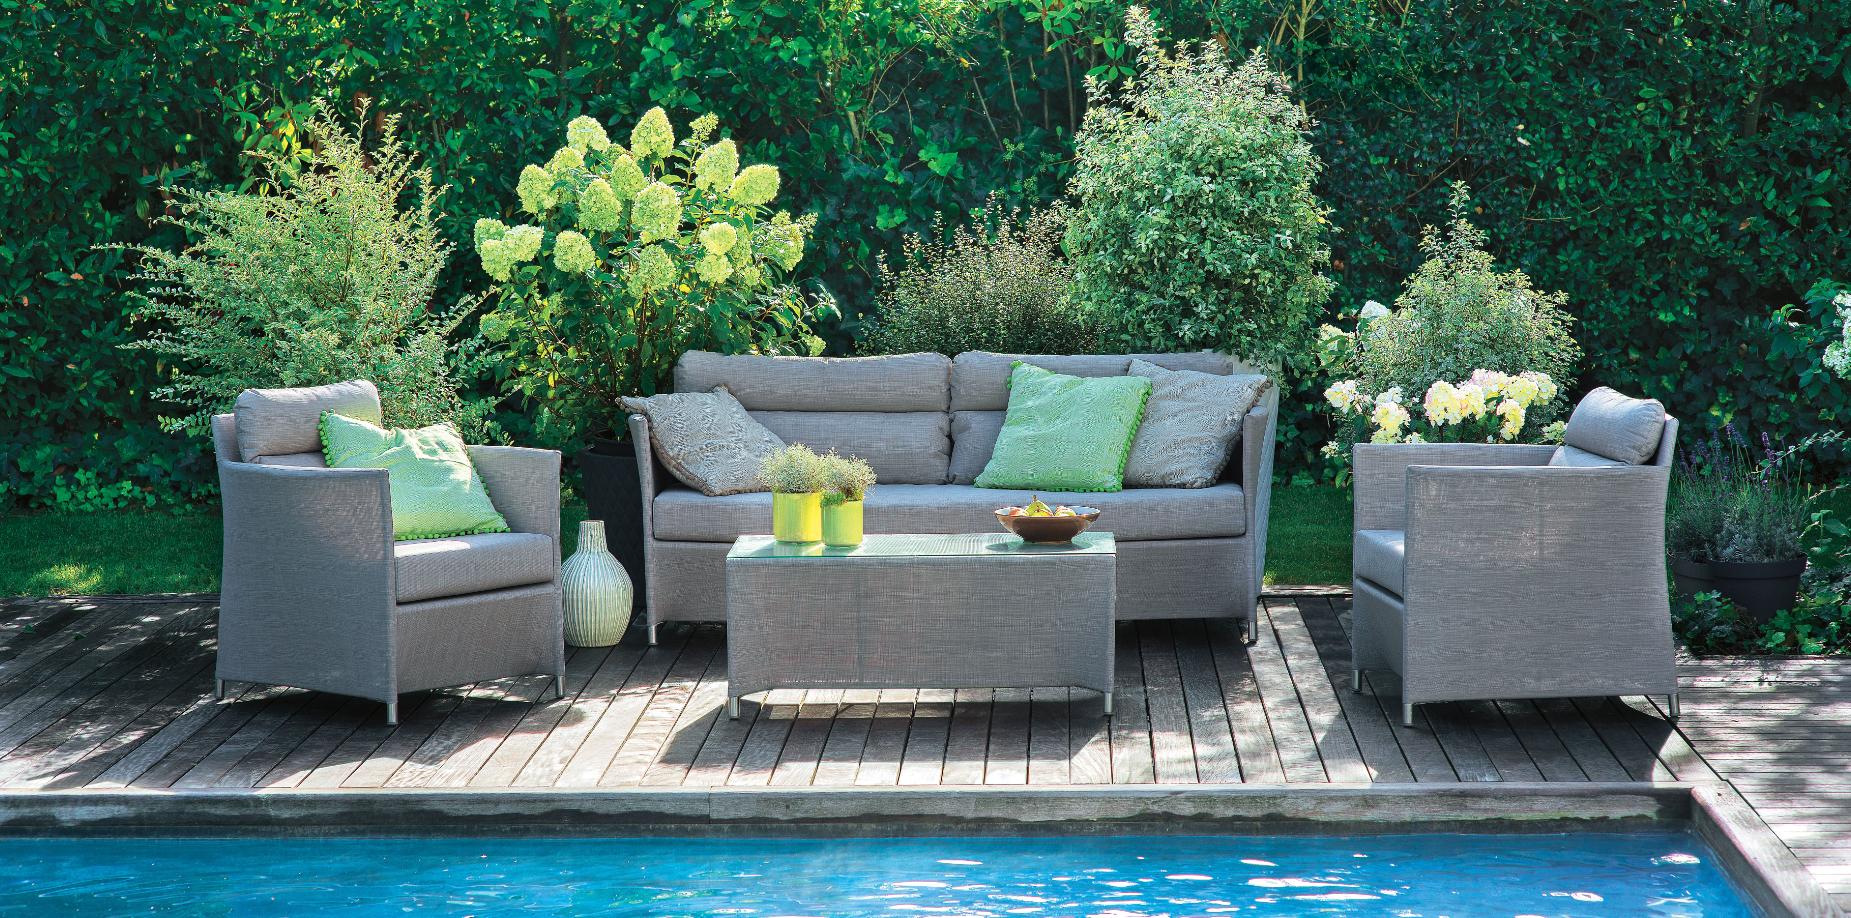 salon de jardin truffaut vivre au jardin pinterest. Black Bedroom Furniture Sets. Home Design Ideas